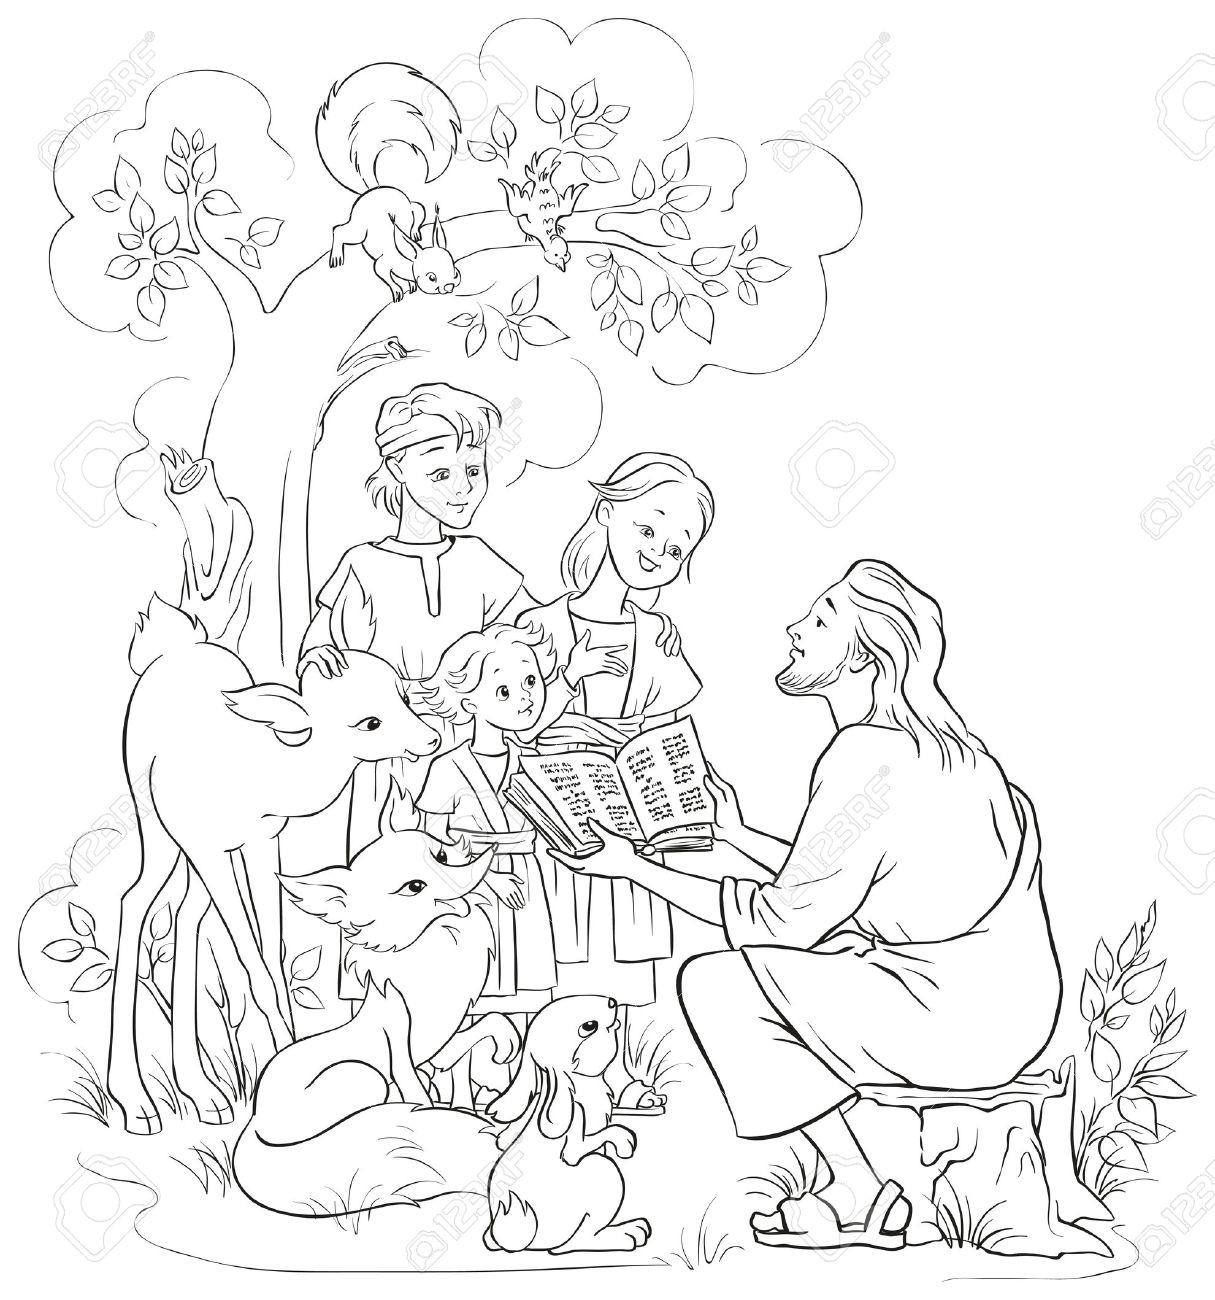 Jesús Con Los Niños Y Animales Dibujo Para Colorear